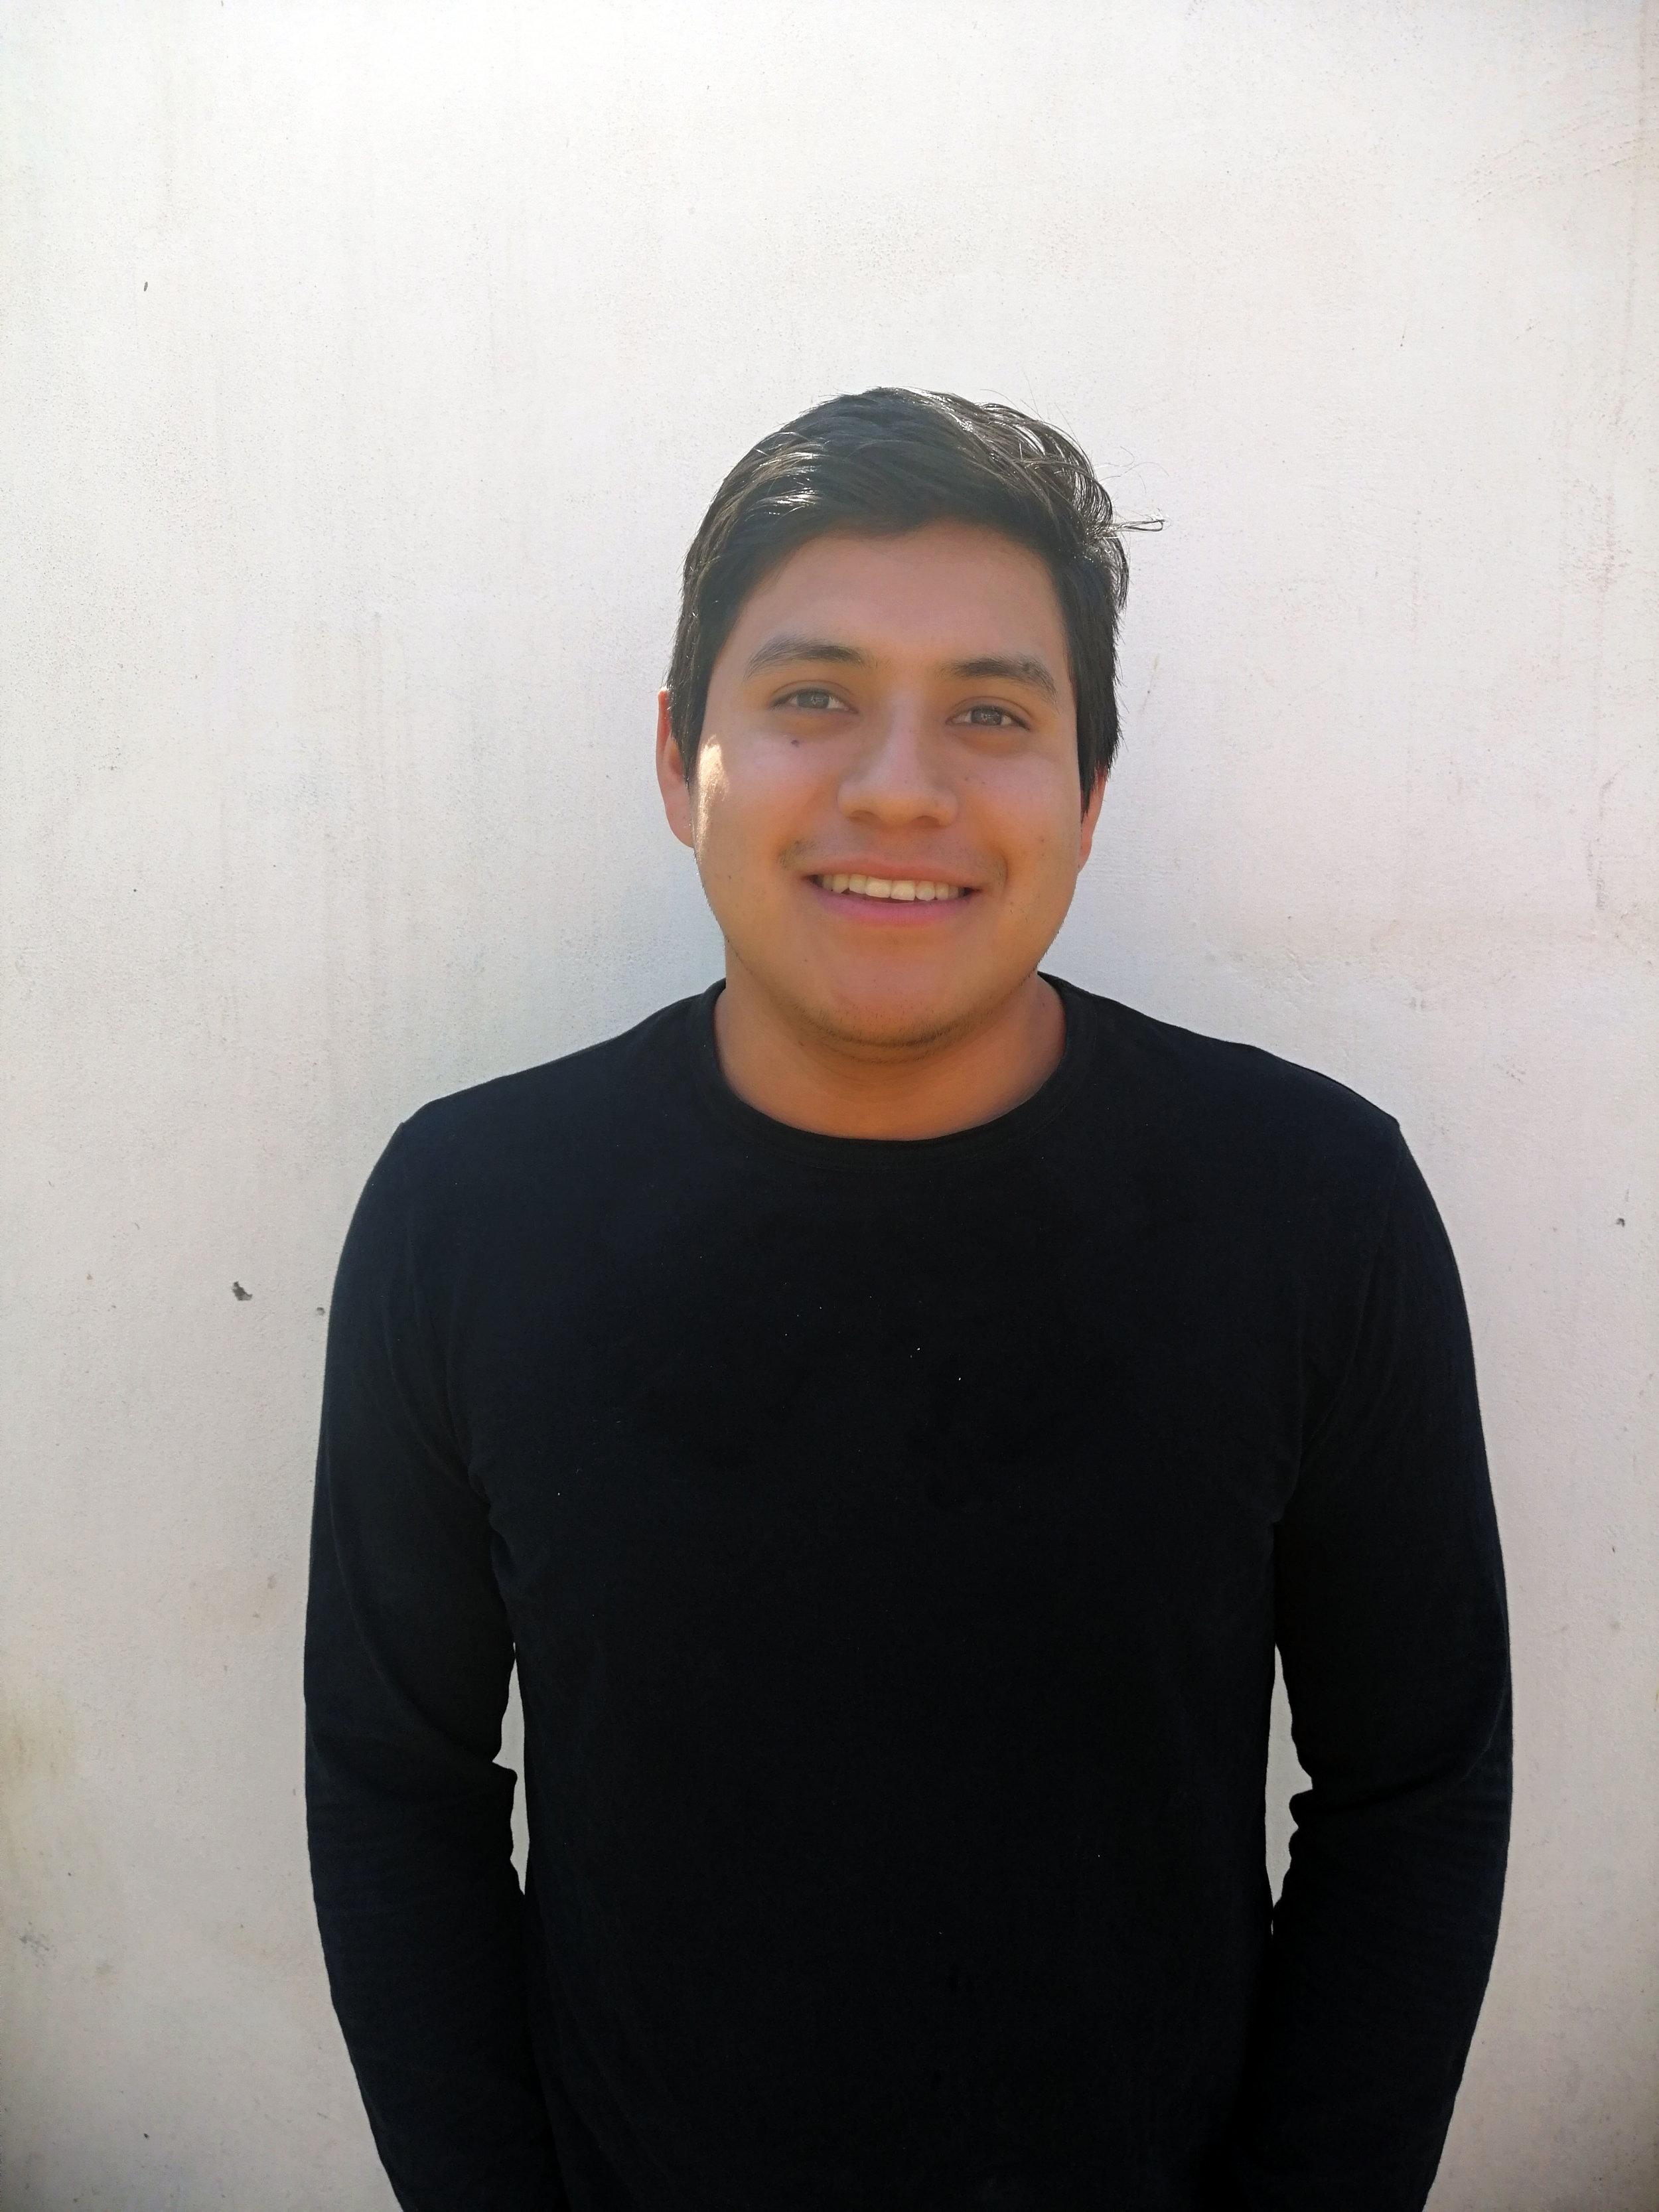 Jesus Ivan Garcia